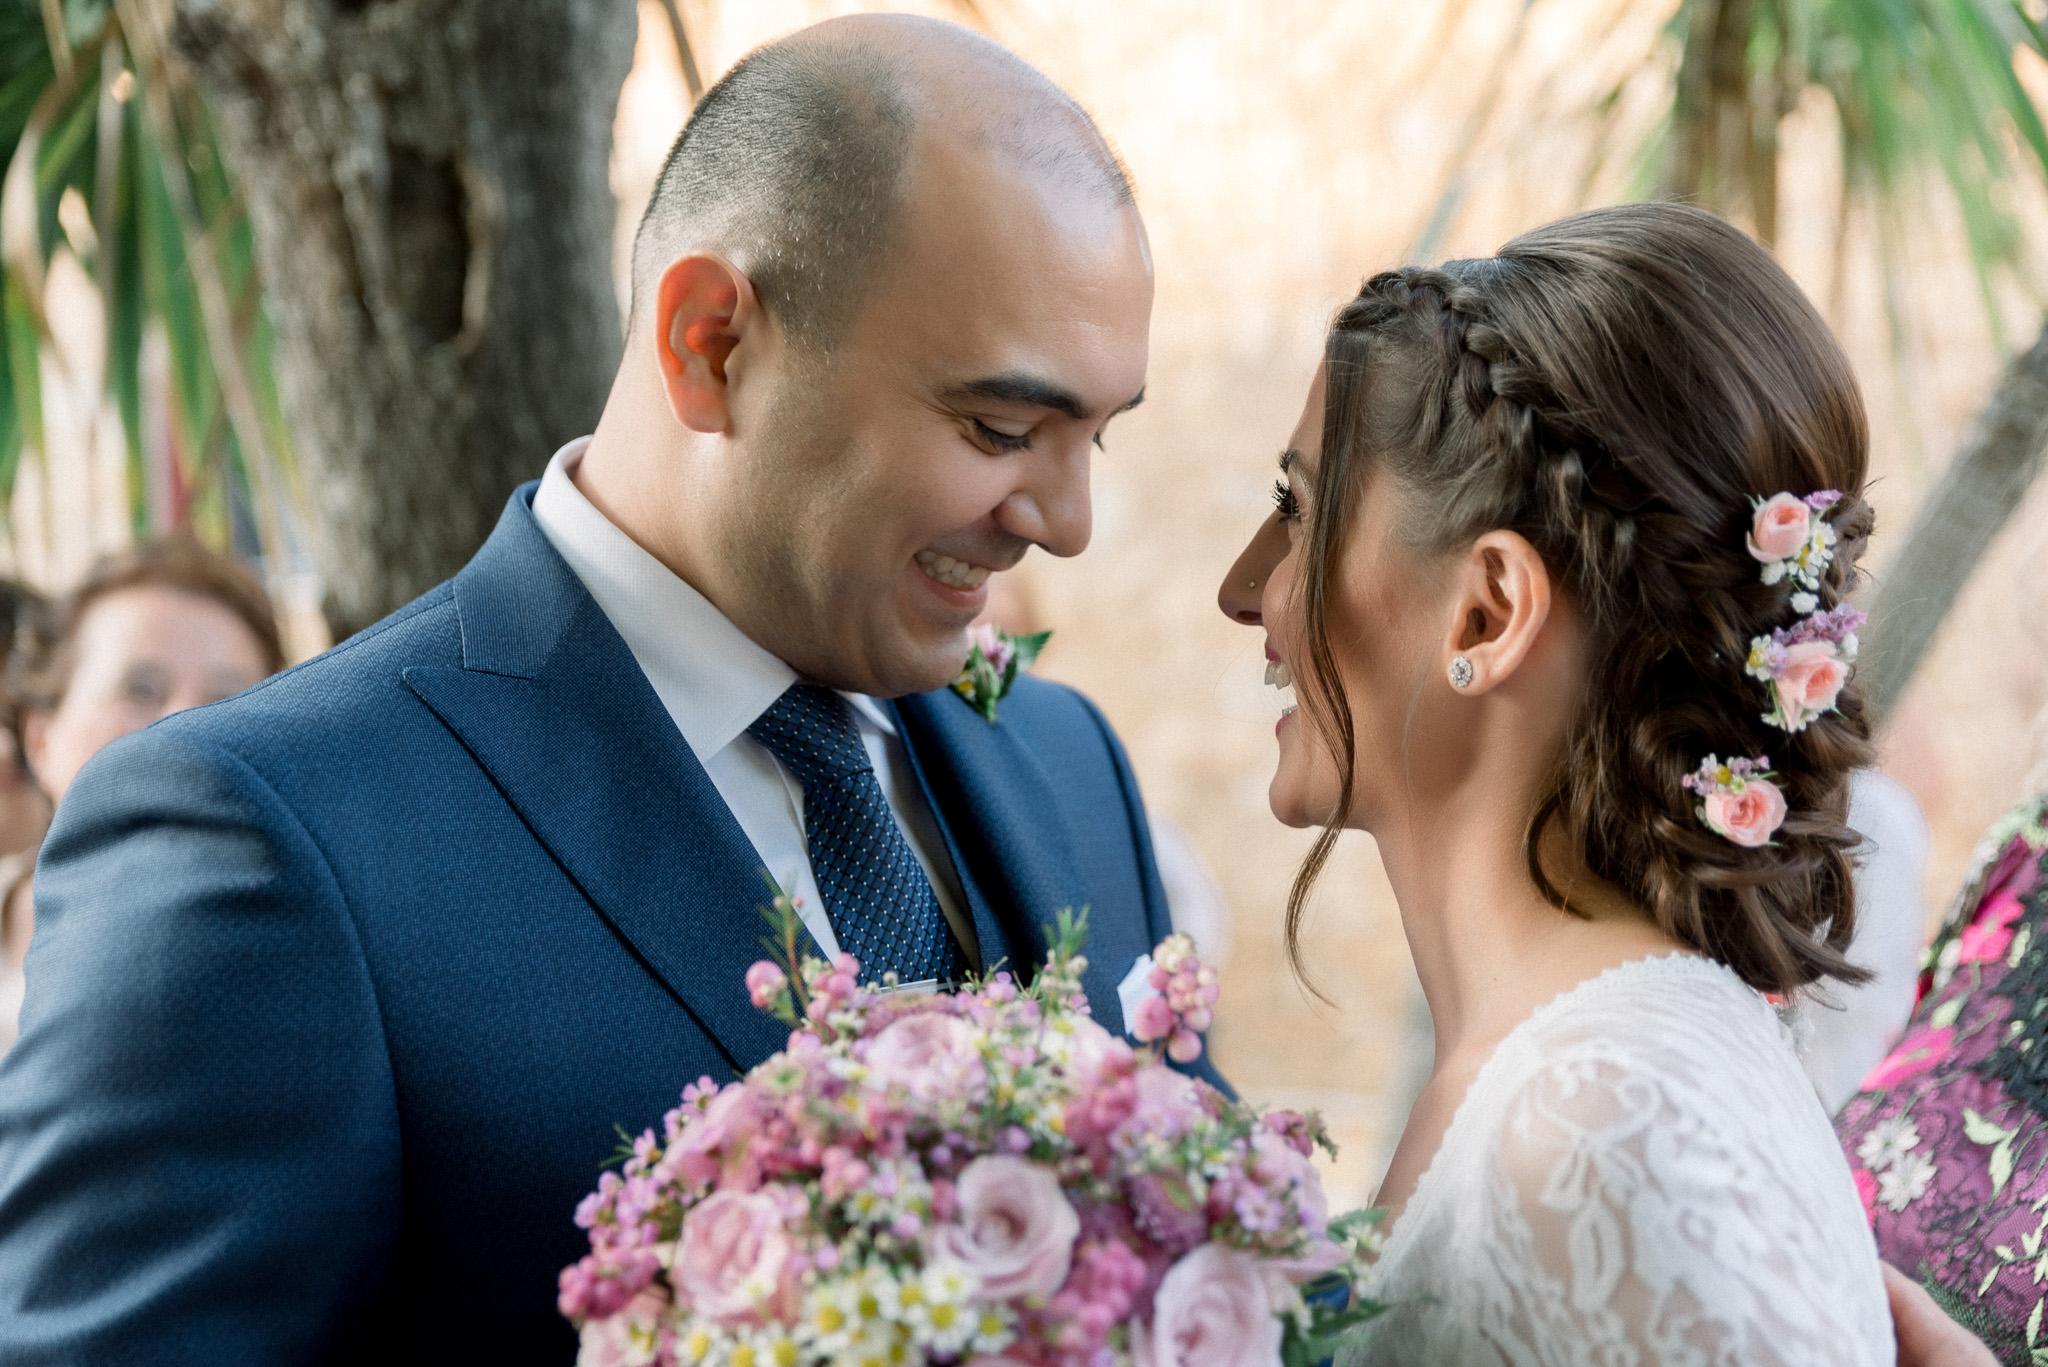 φωτογράφιση γάμου στην αθήνα